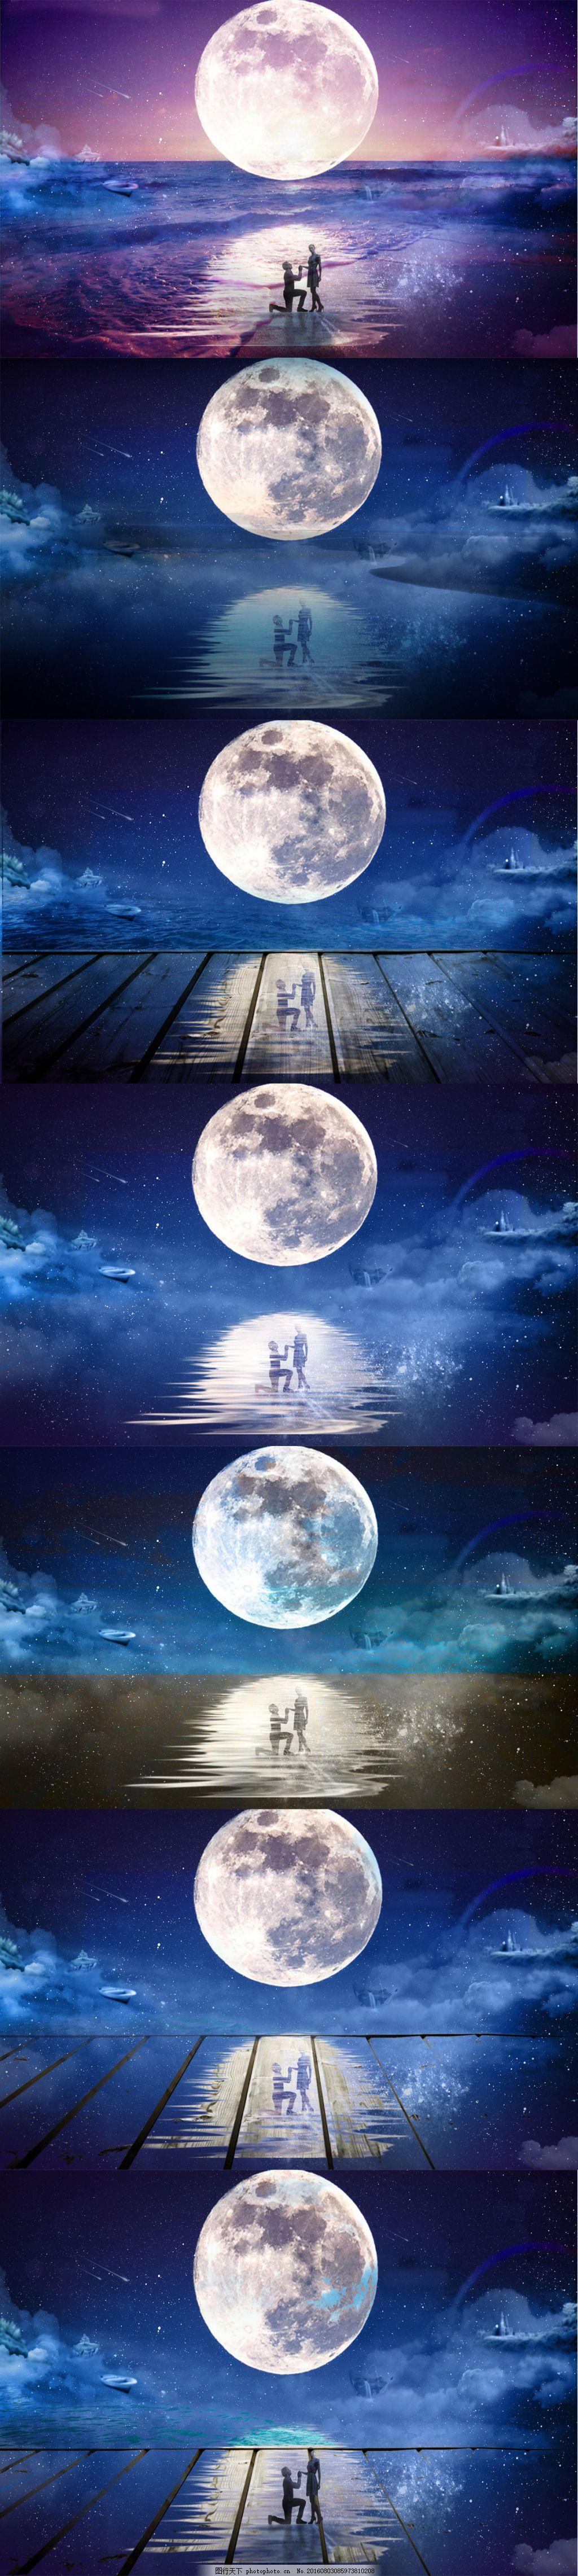 中秋创意图片见证爱情 月亮 星空 男人 女人 接吻 梦幻 奇幻